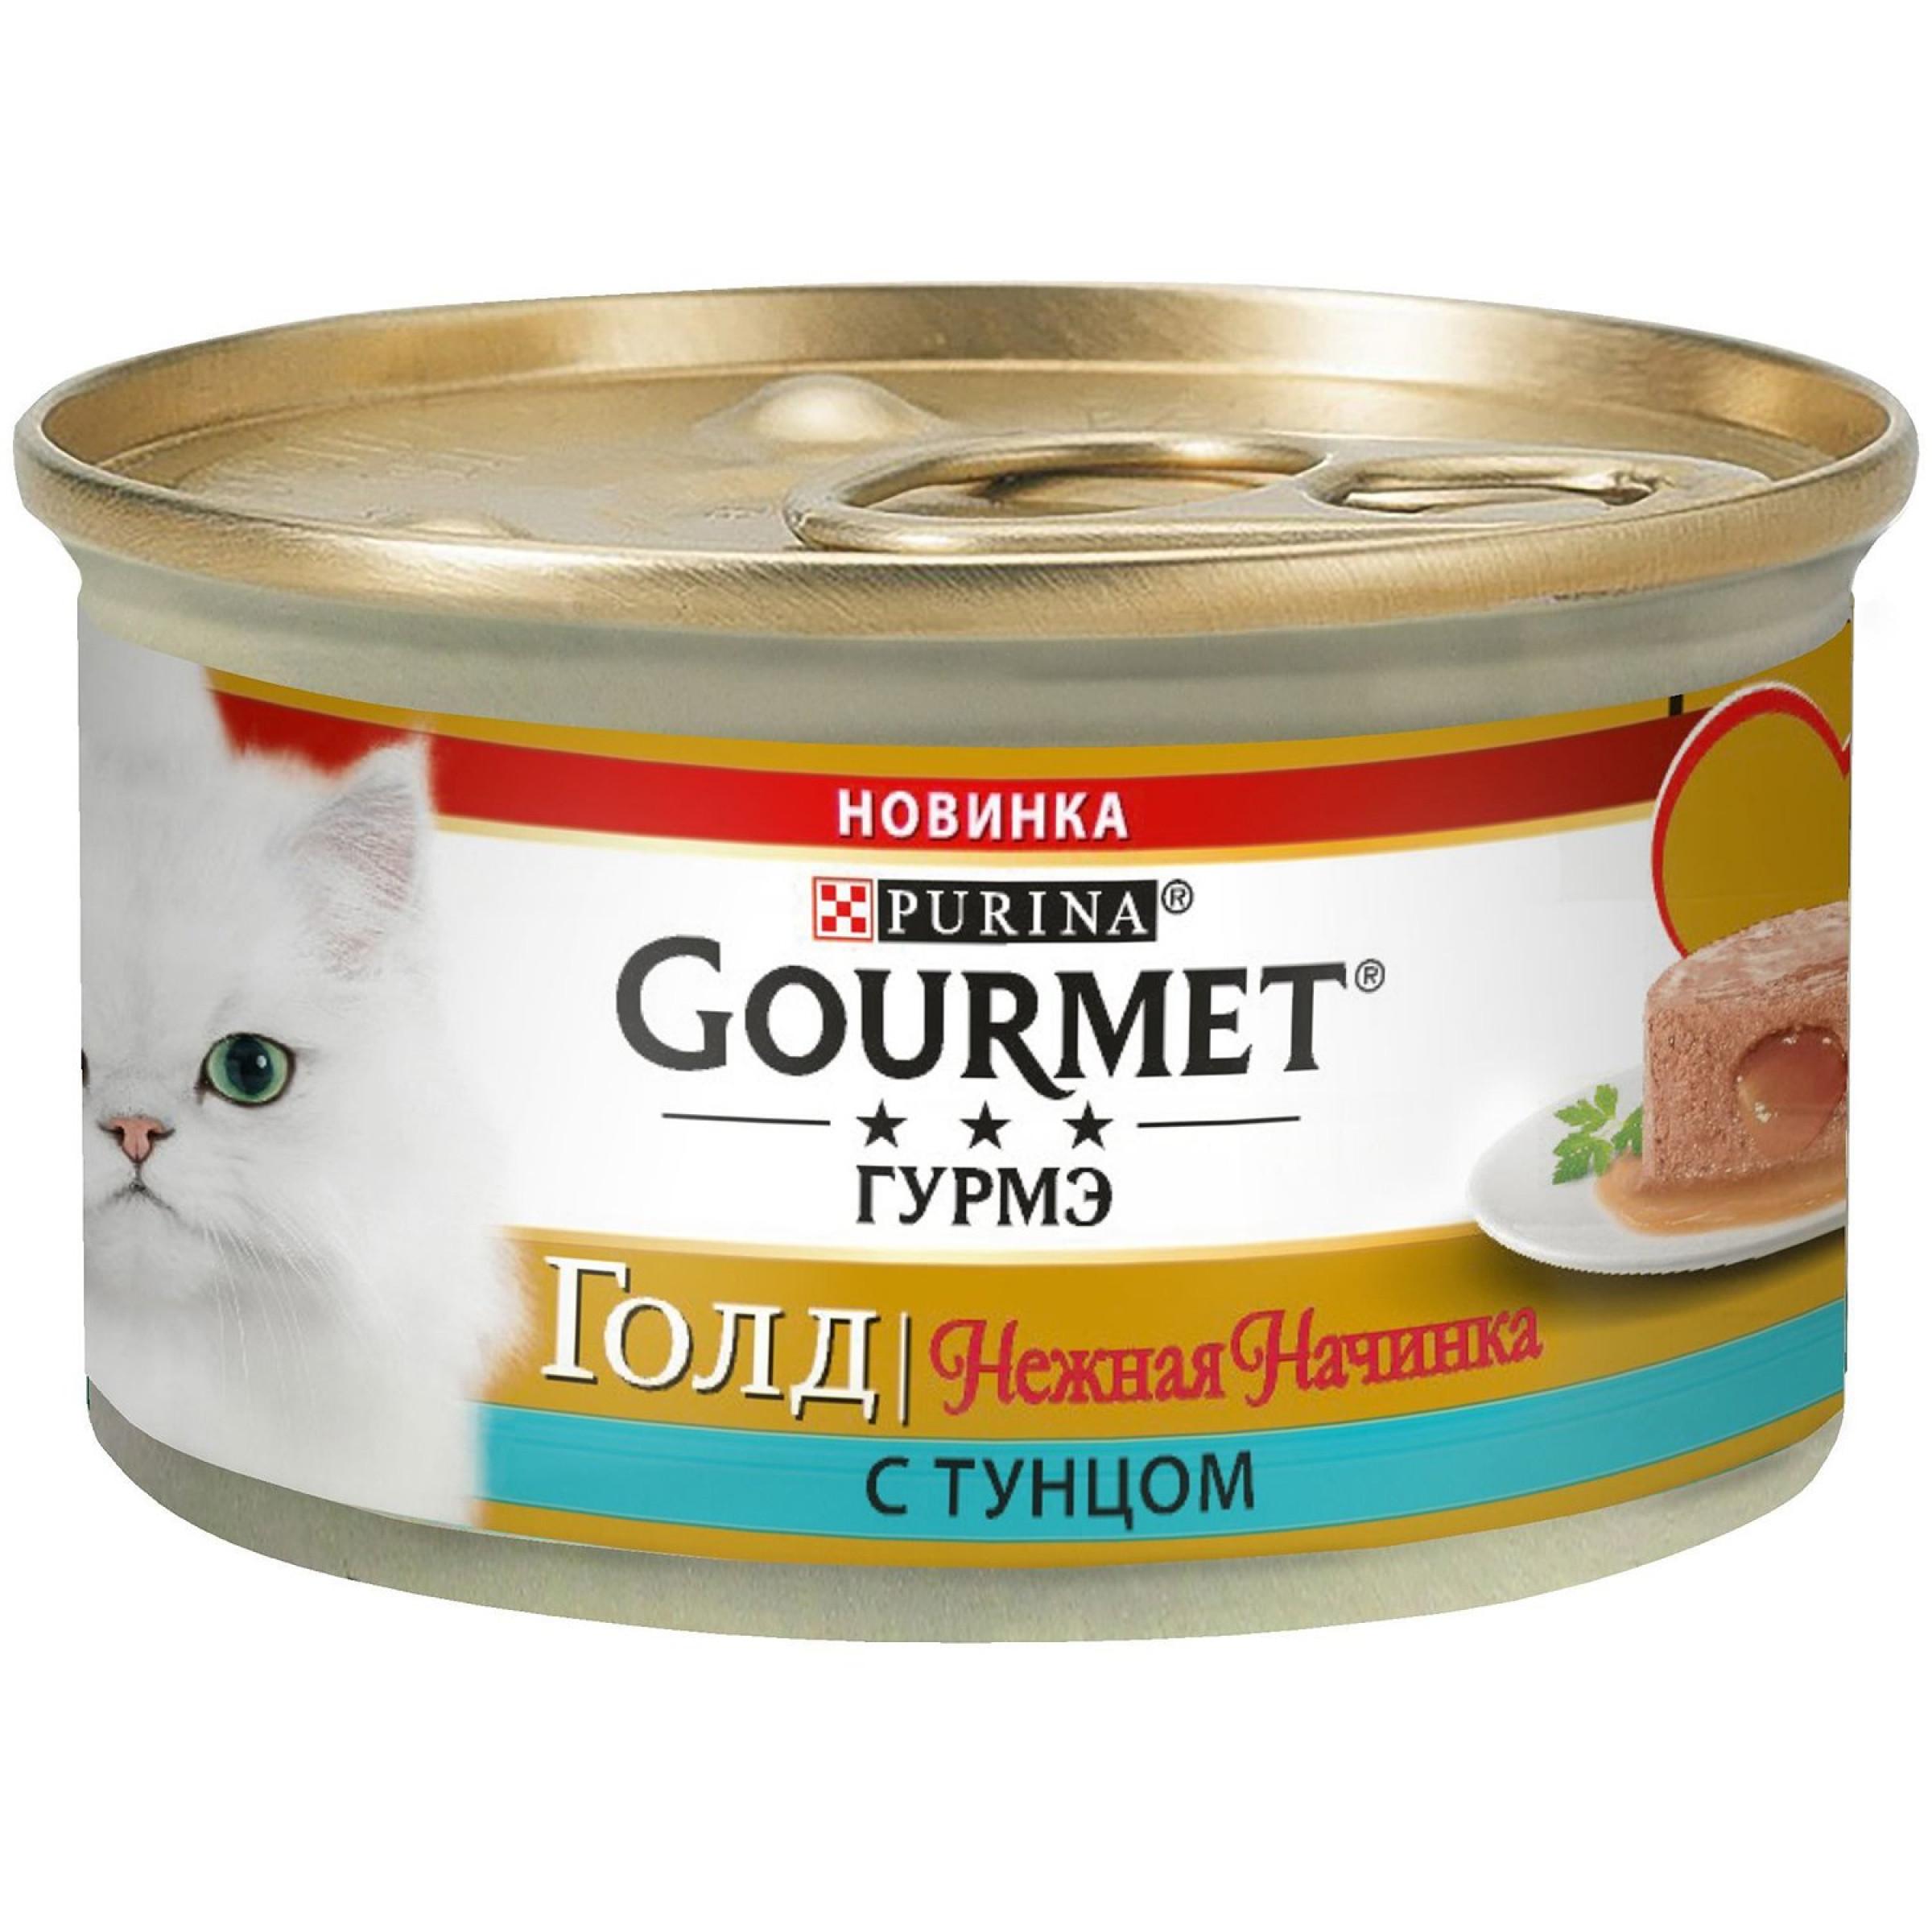 Влажный корм Gourmet Голд Нежная Начинка для кошек Тунец, 85 гр